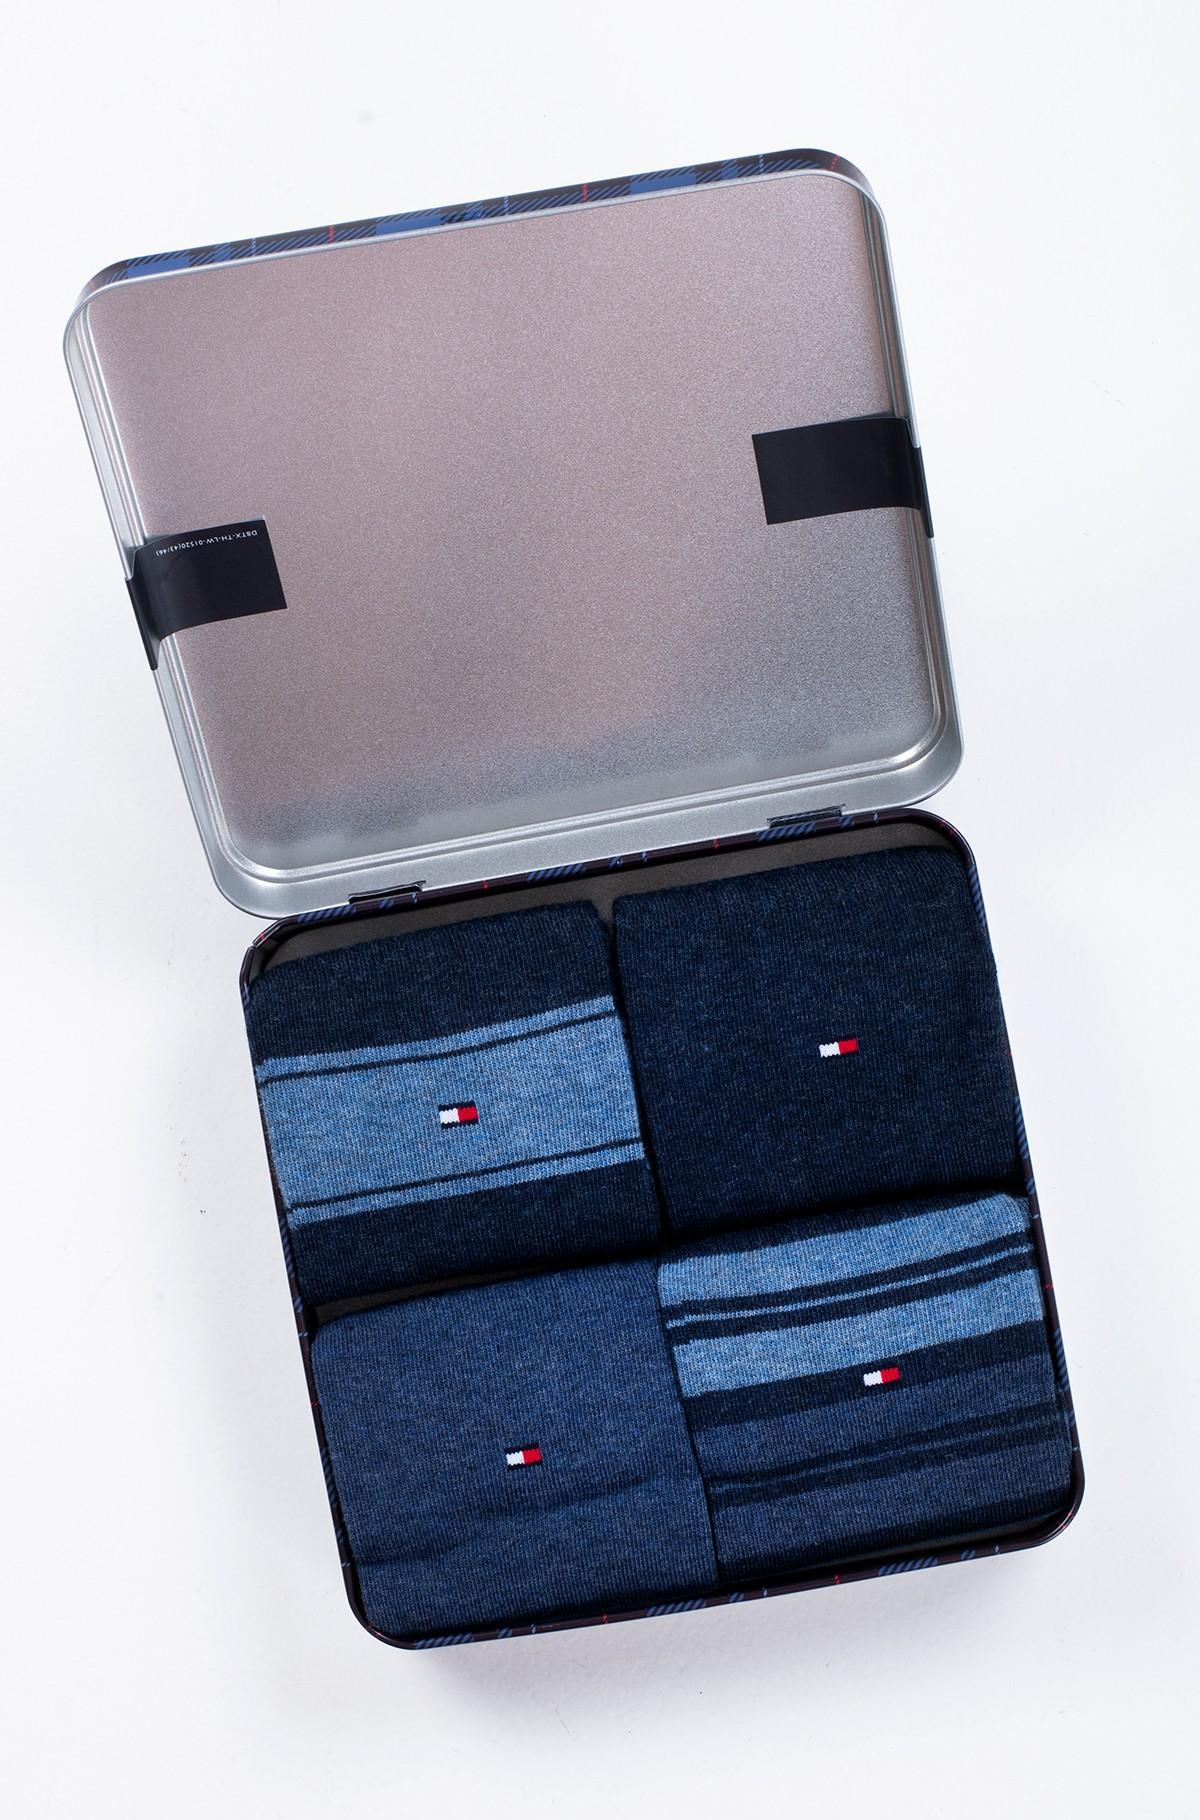 Socks in gift box 100000845-full-2